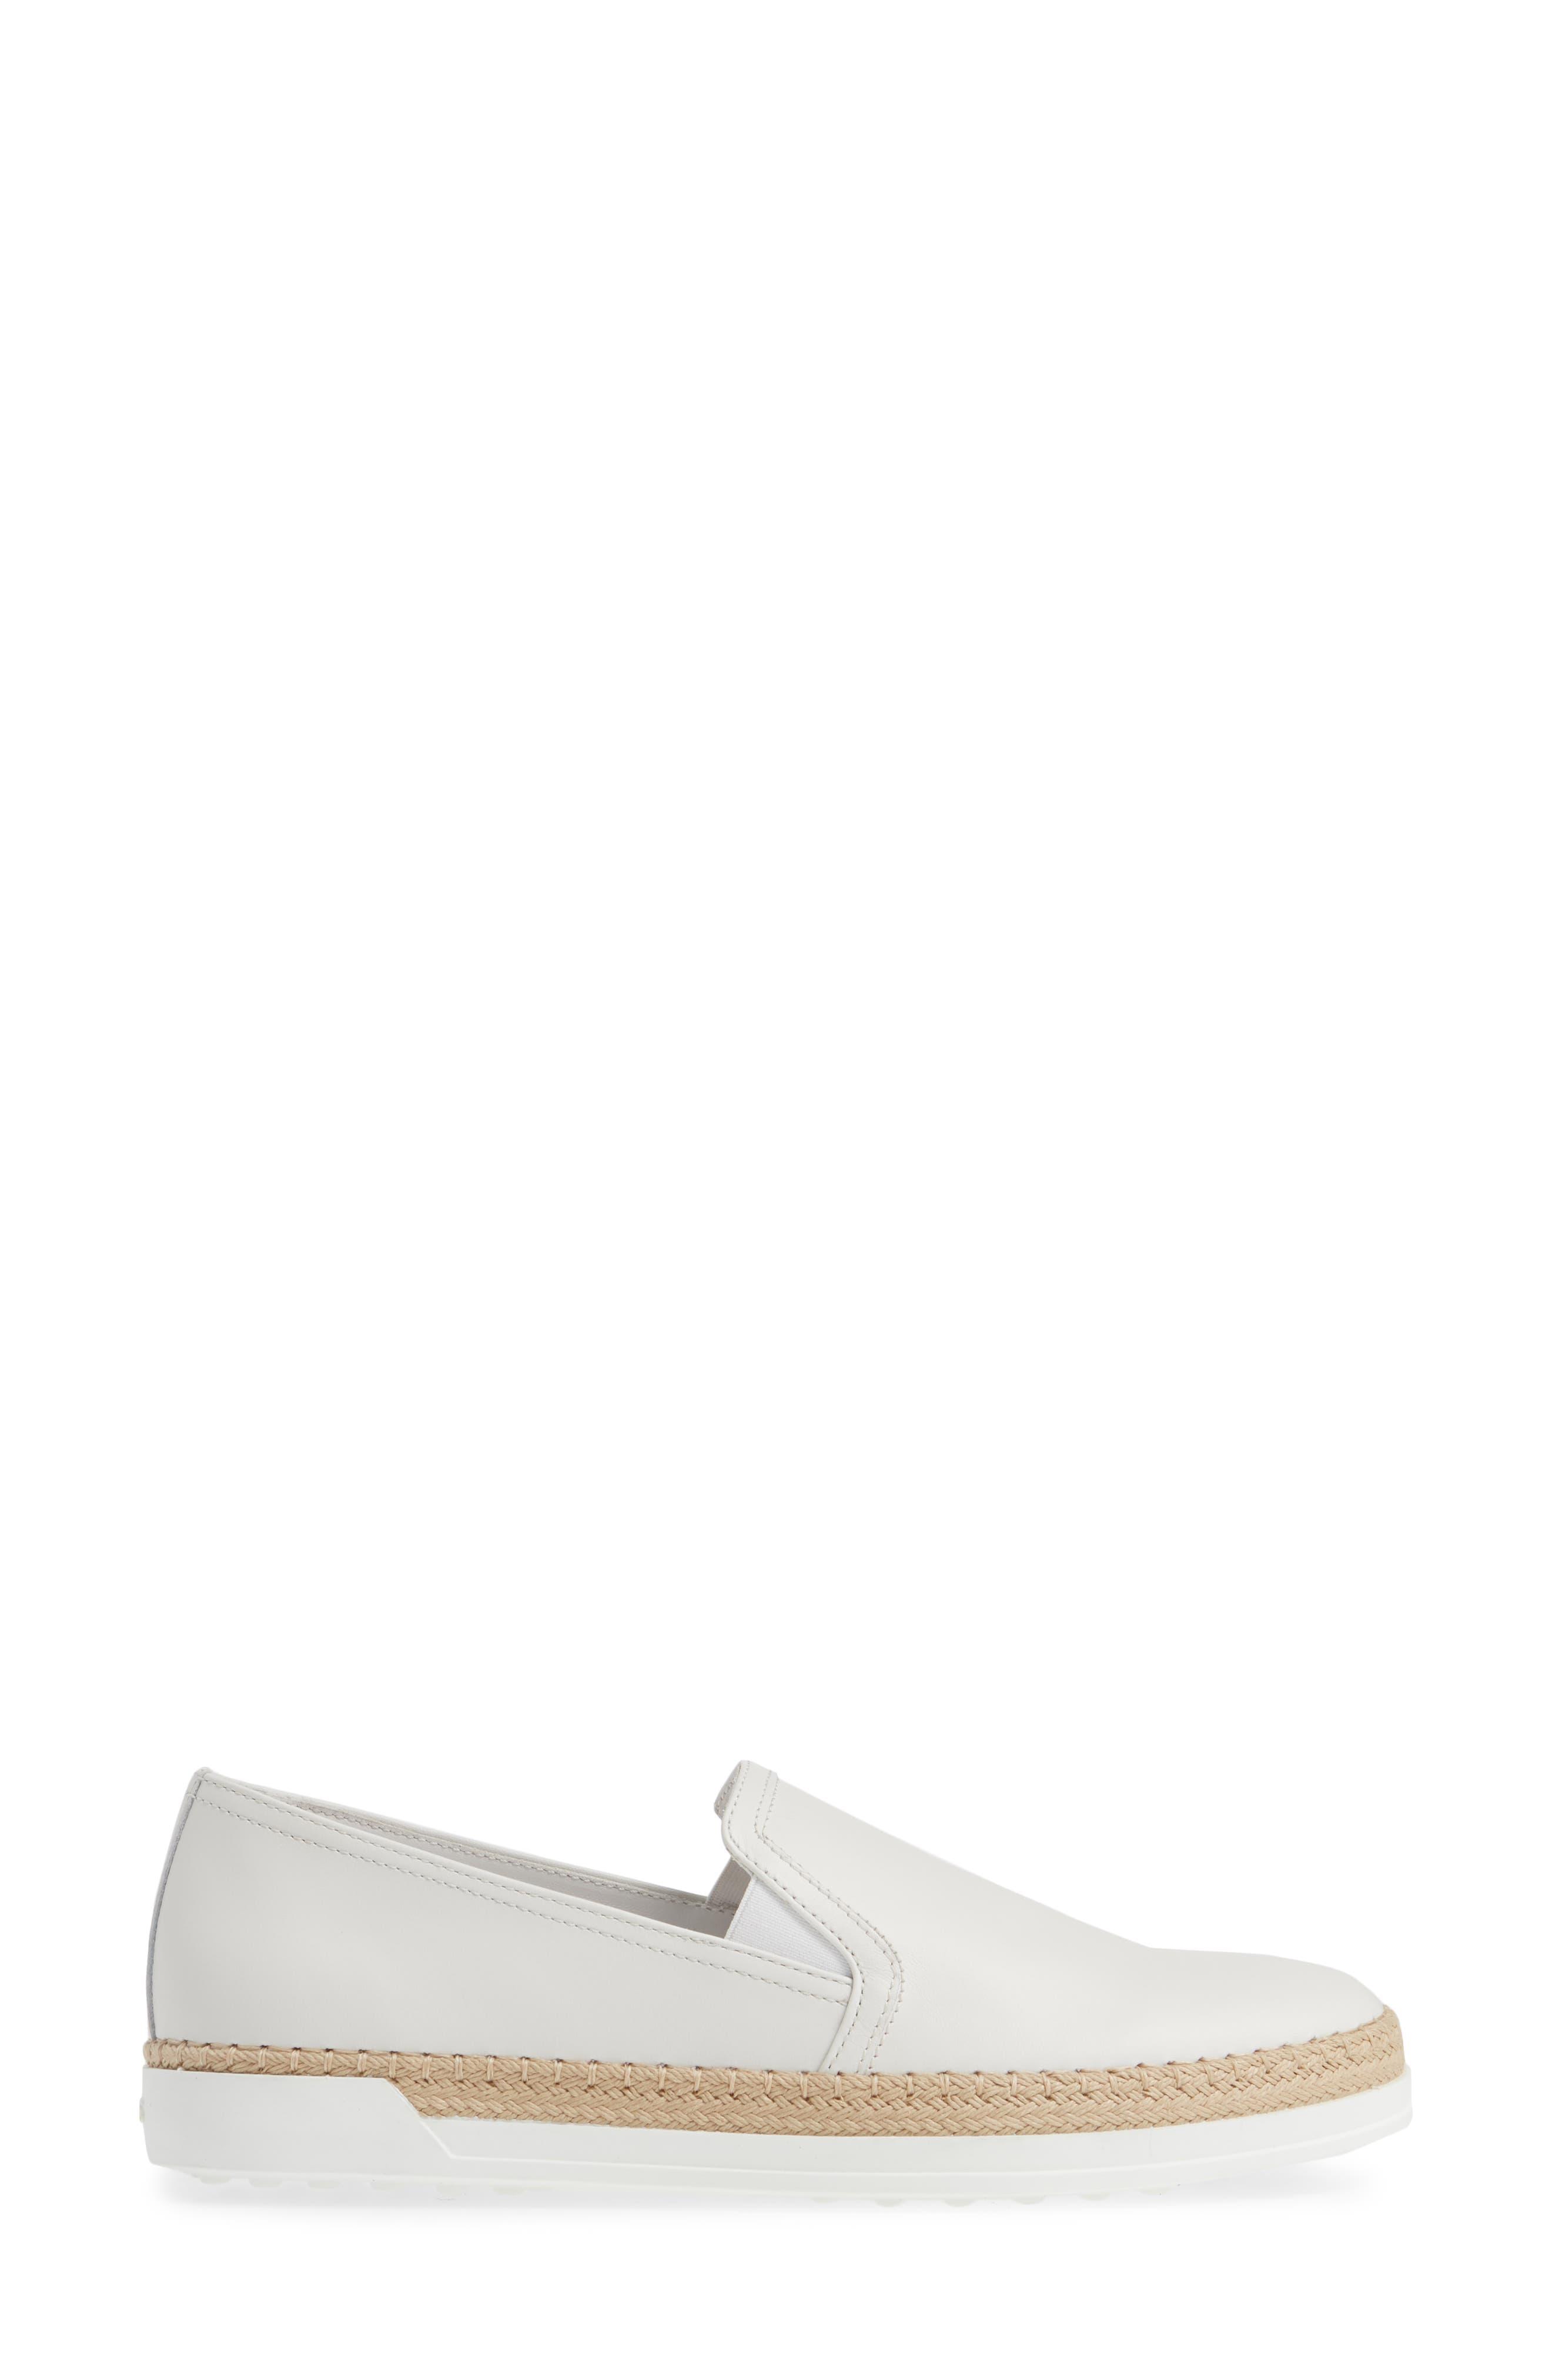 TOD'S, Espadrille Slip-On Sneaker, Alternate thumbnail 3, color, WHITE LEATHER